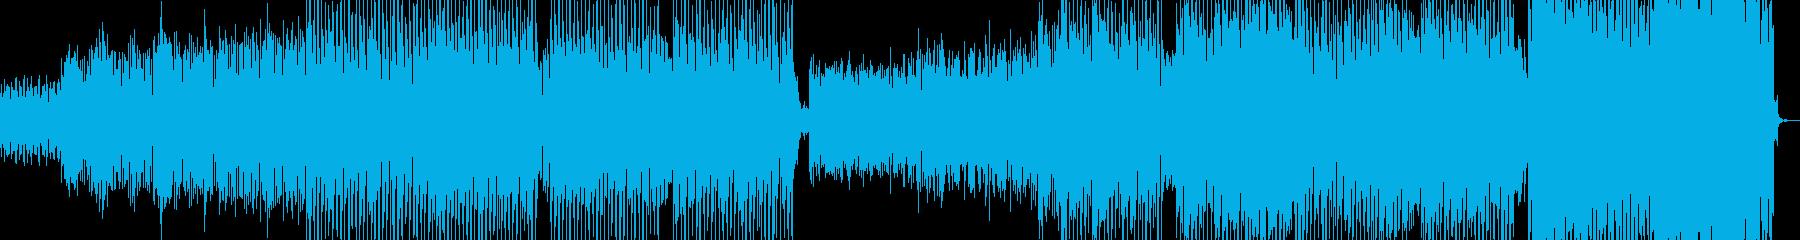 沖縄下千鳥音階によるホラーハードテクノの再生済みの波形